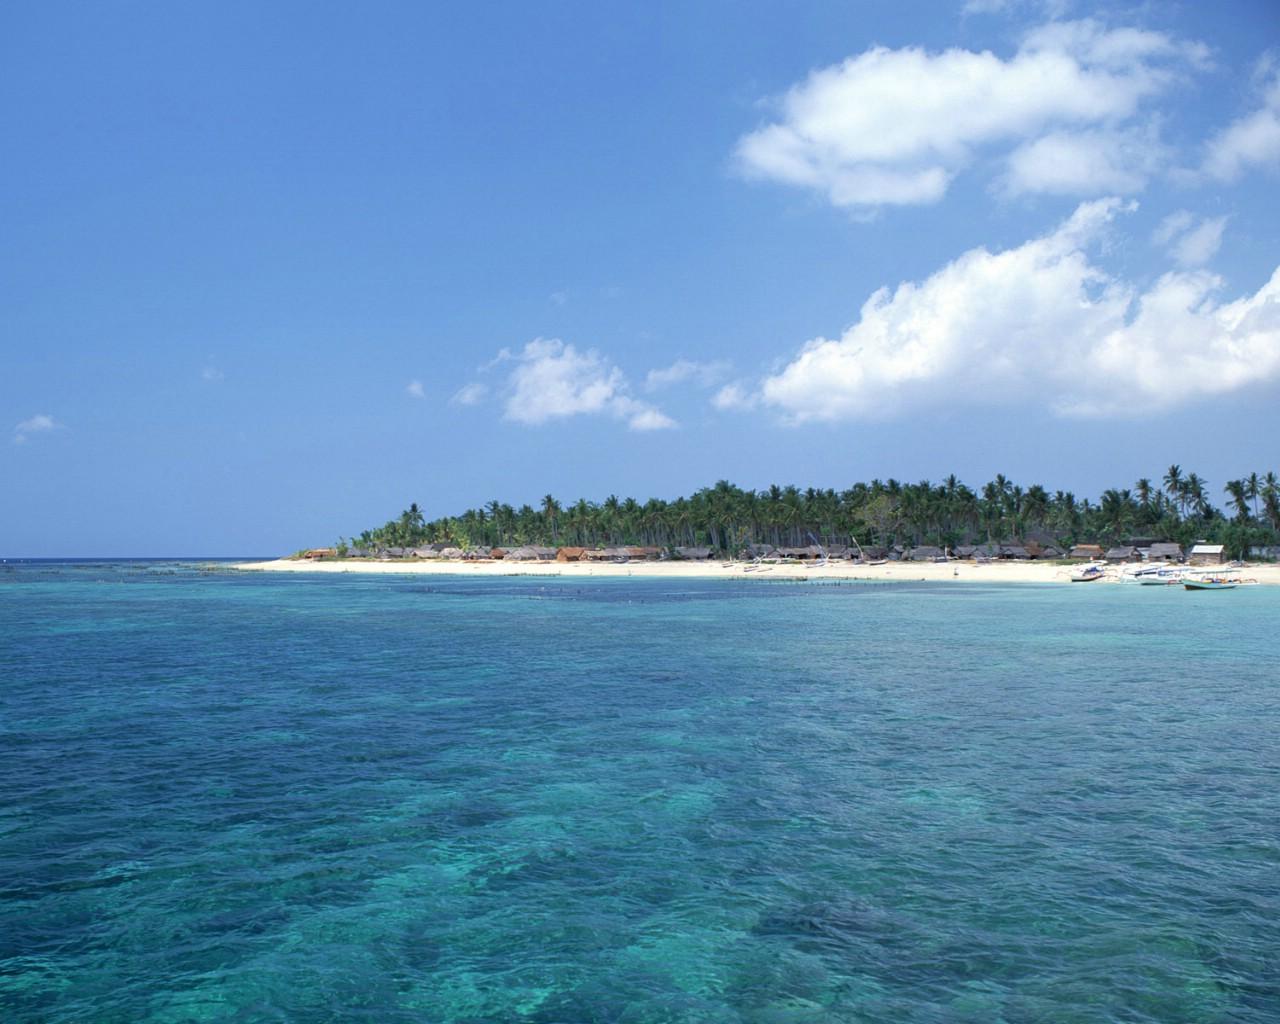 壁纸 风景壁纸/壁纸1280×1024舒服蔚蓝色大海风景壁纸壁纸...